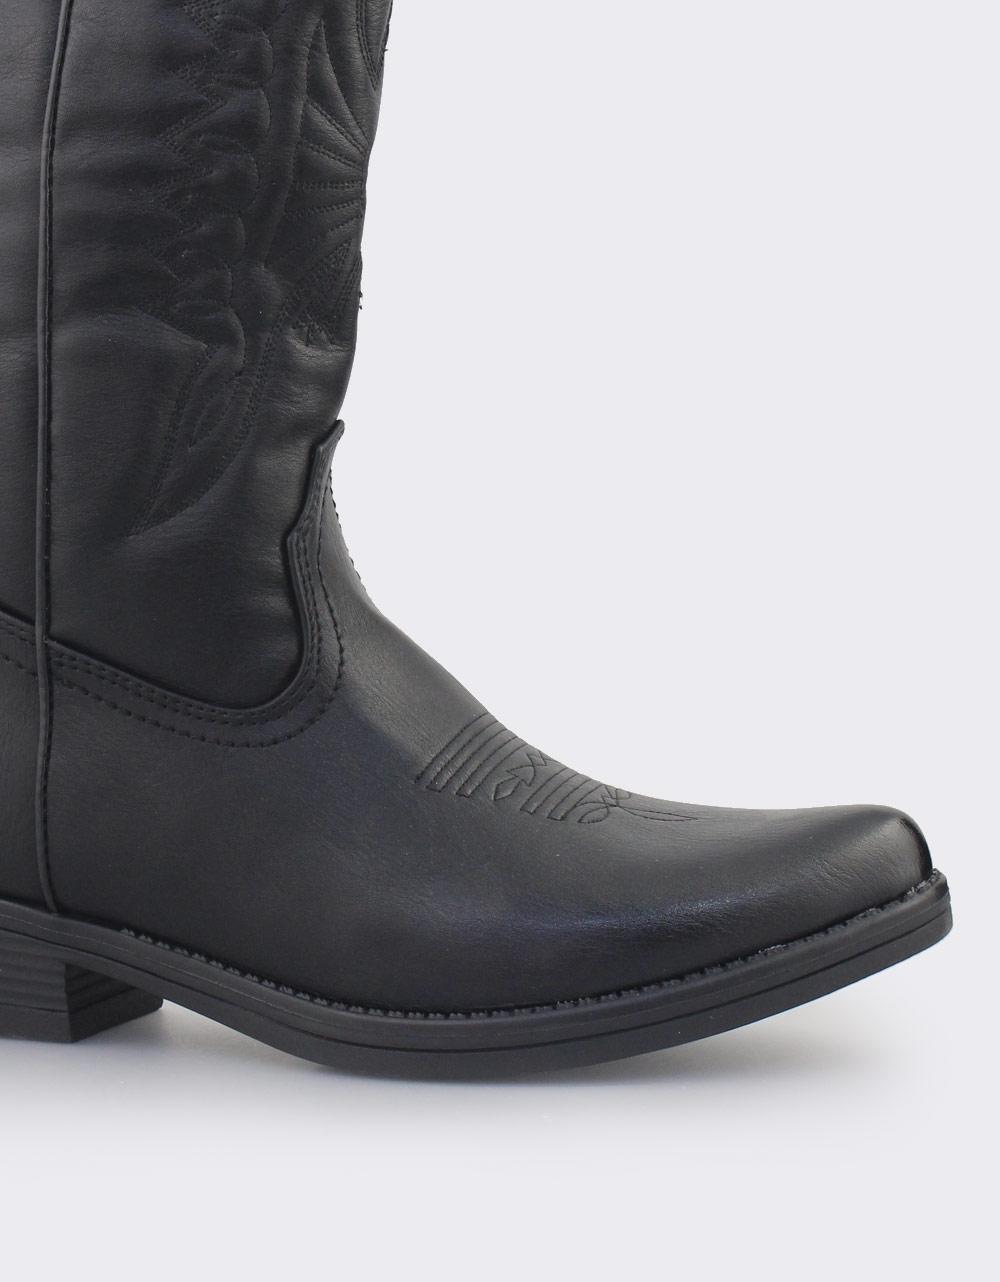 Εικόνα από Γυναικείες μπότες τύπου cowboy Μαύρο